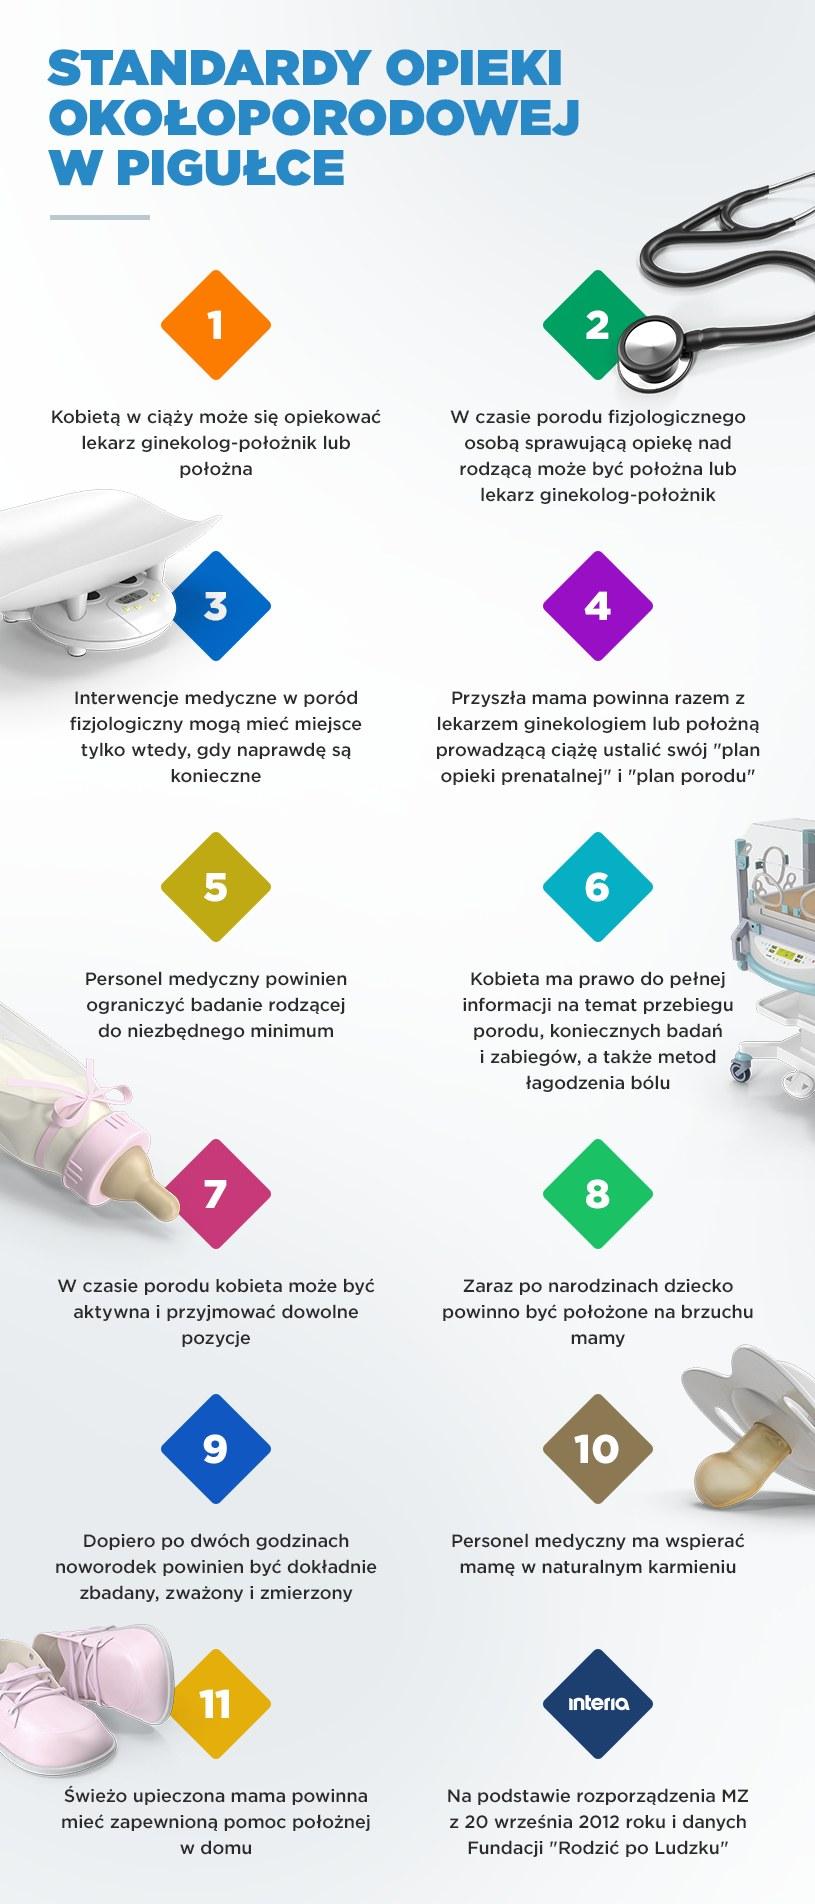 Standardy opieki okołoporodowej w pigułce /INTERIA.PL